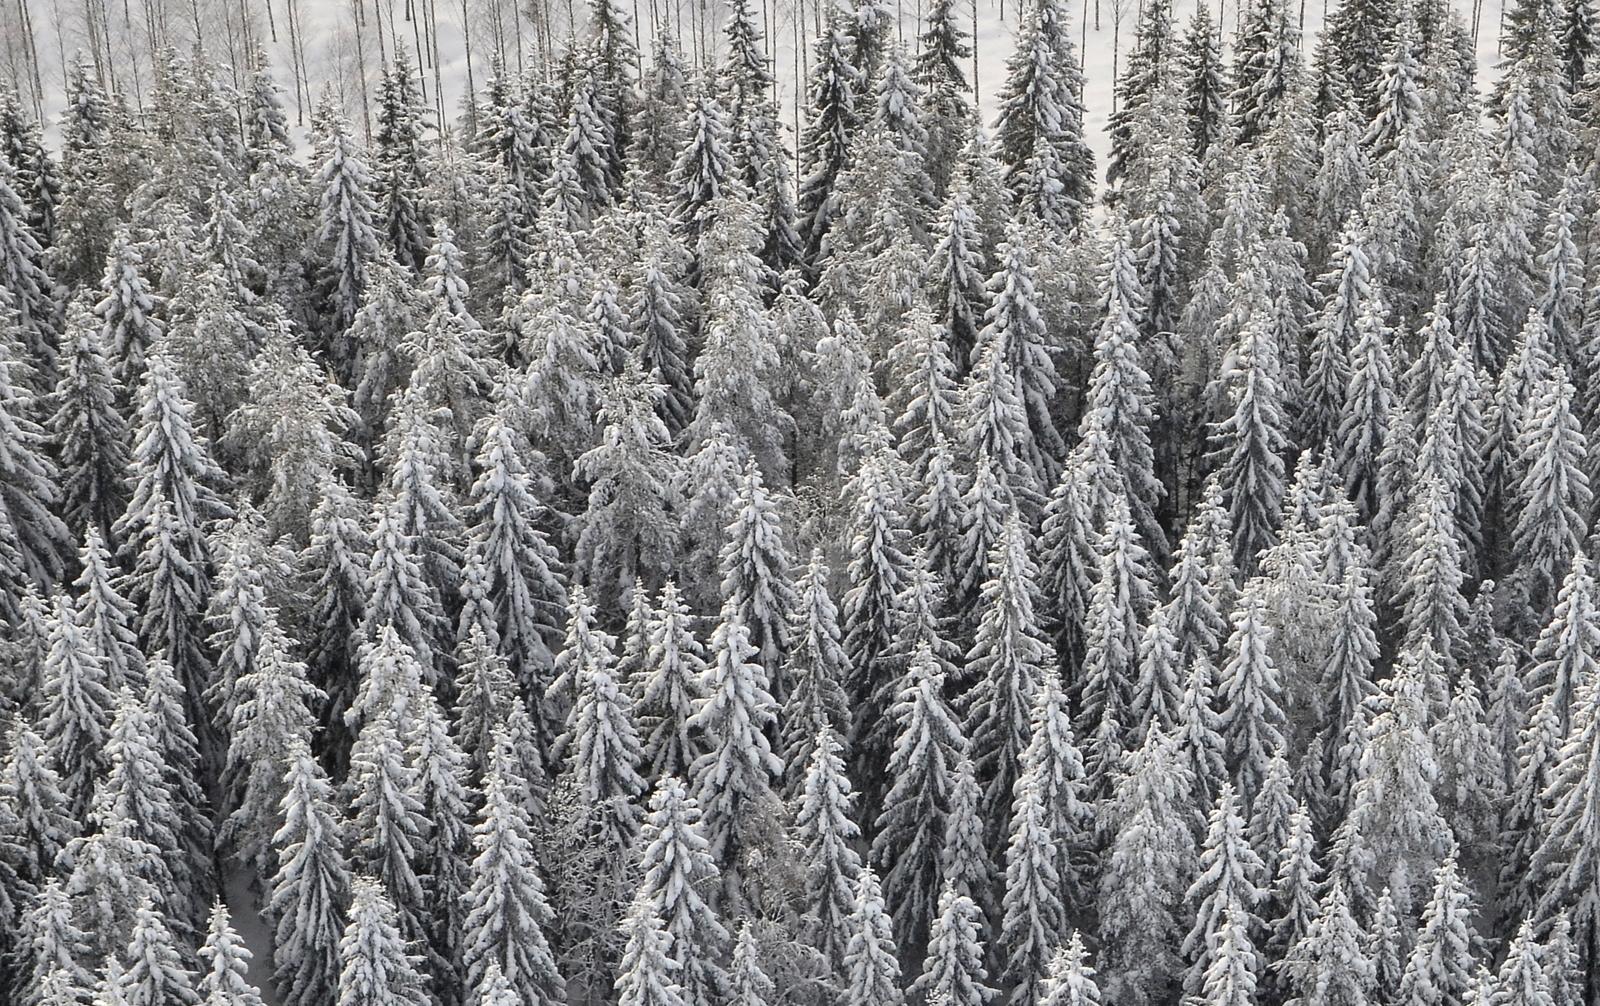 Nyt on metsä ihan talvisen näköinen.